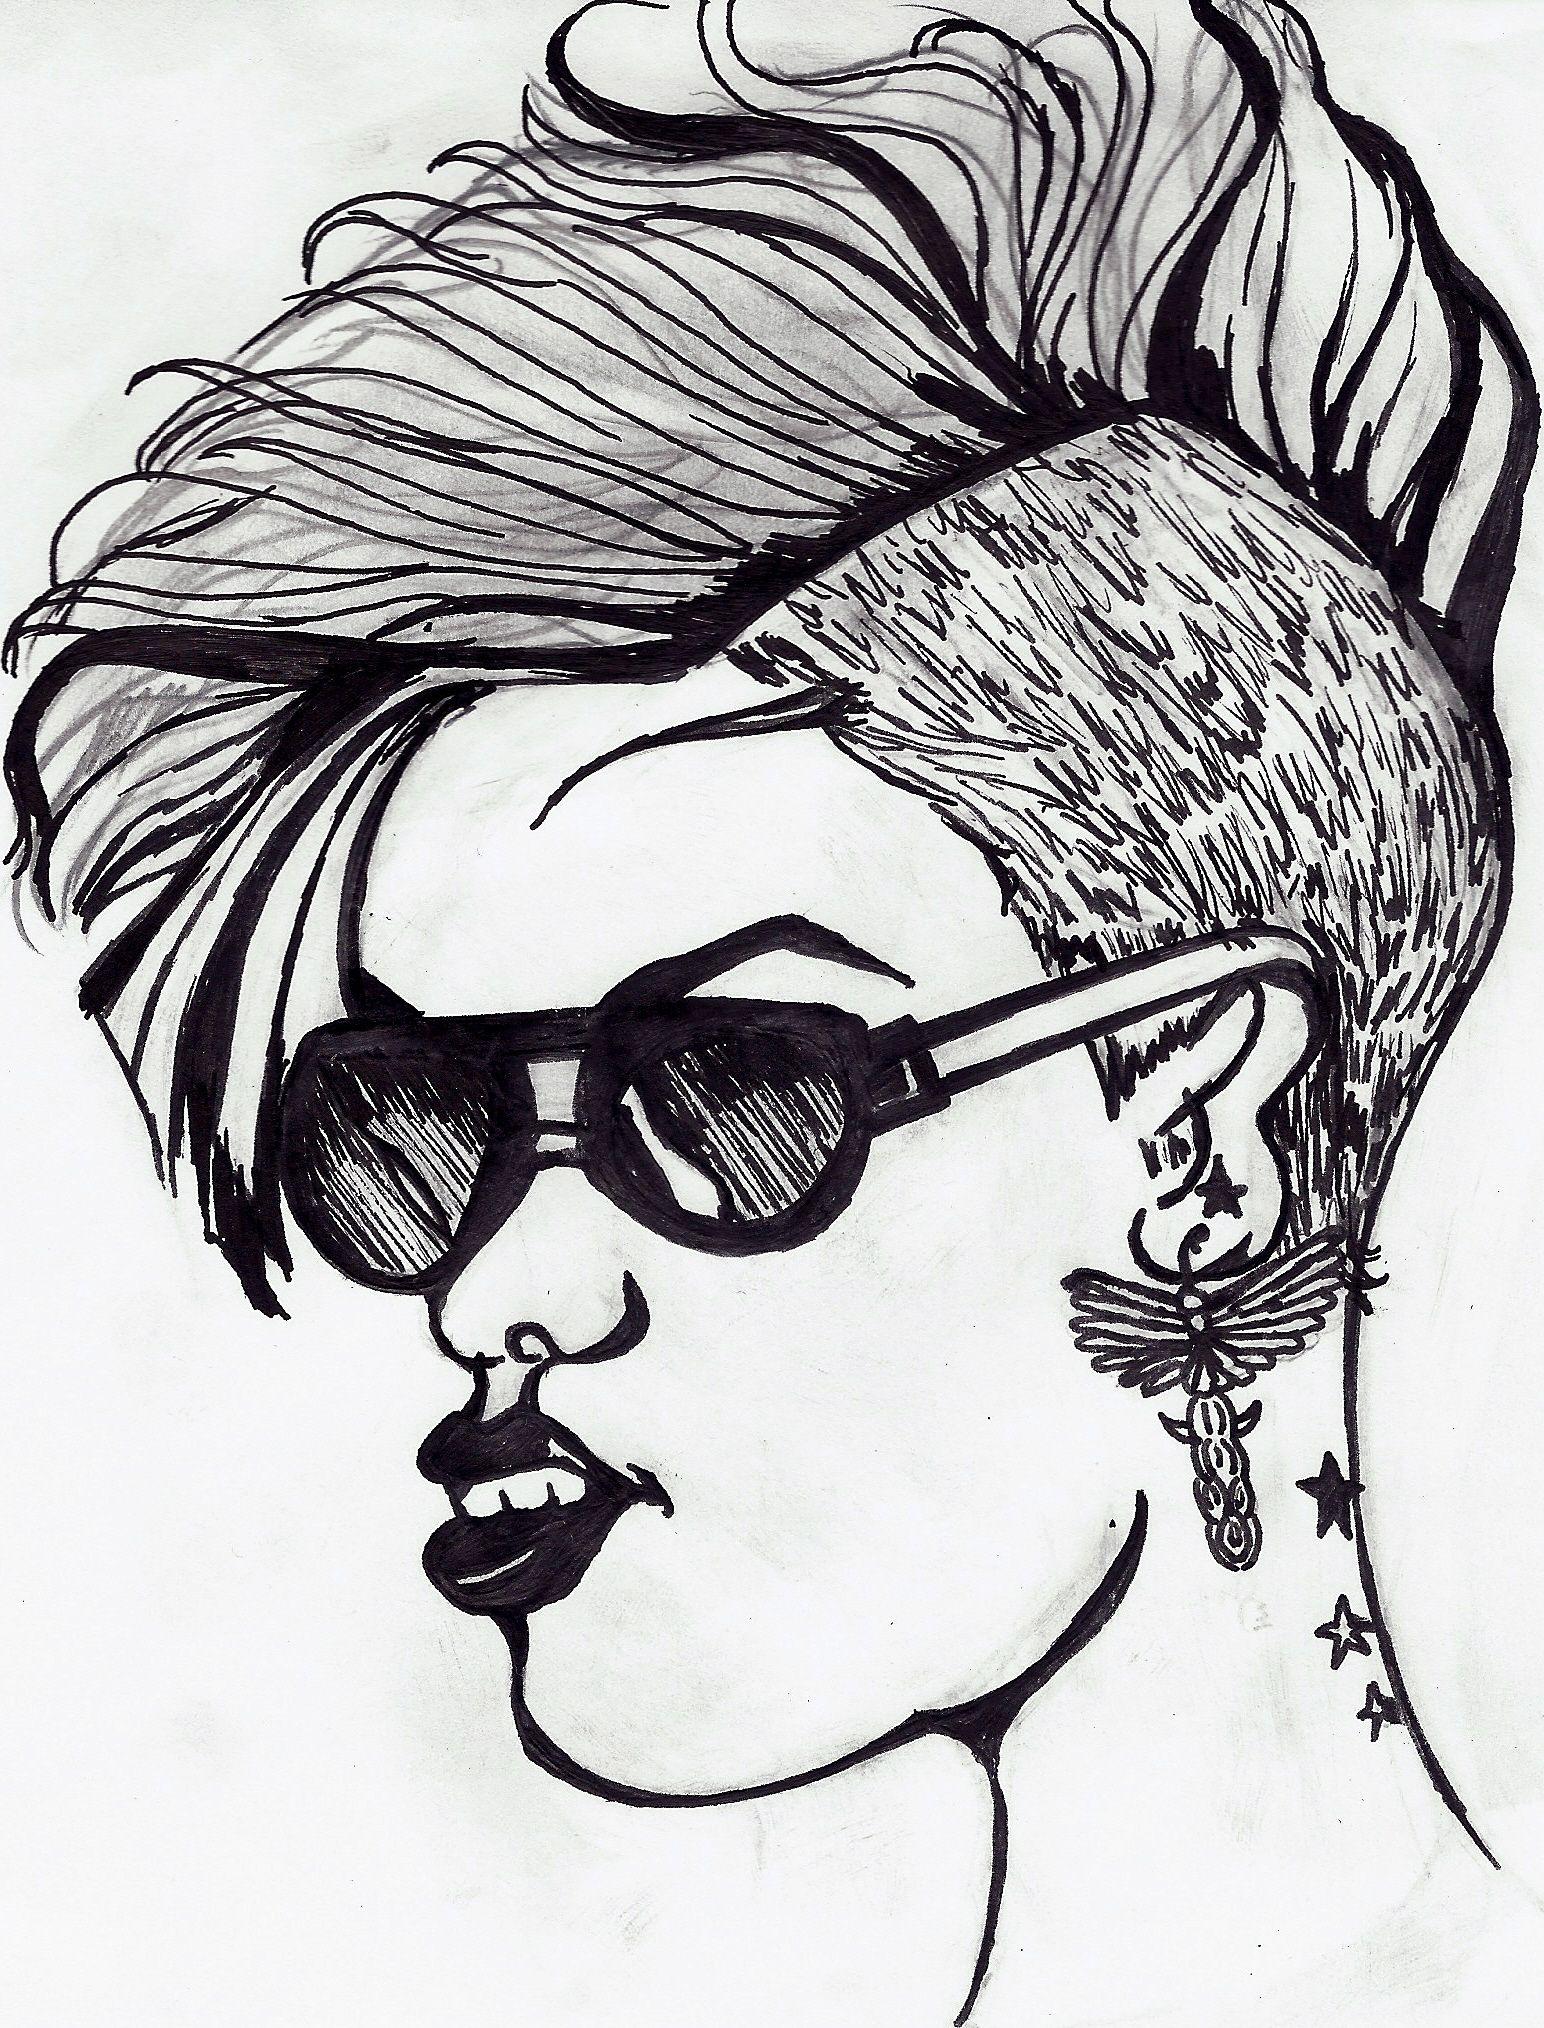 Jeune femme au crâne rasé - dessin d'Anaïs (14 ans)